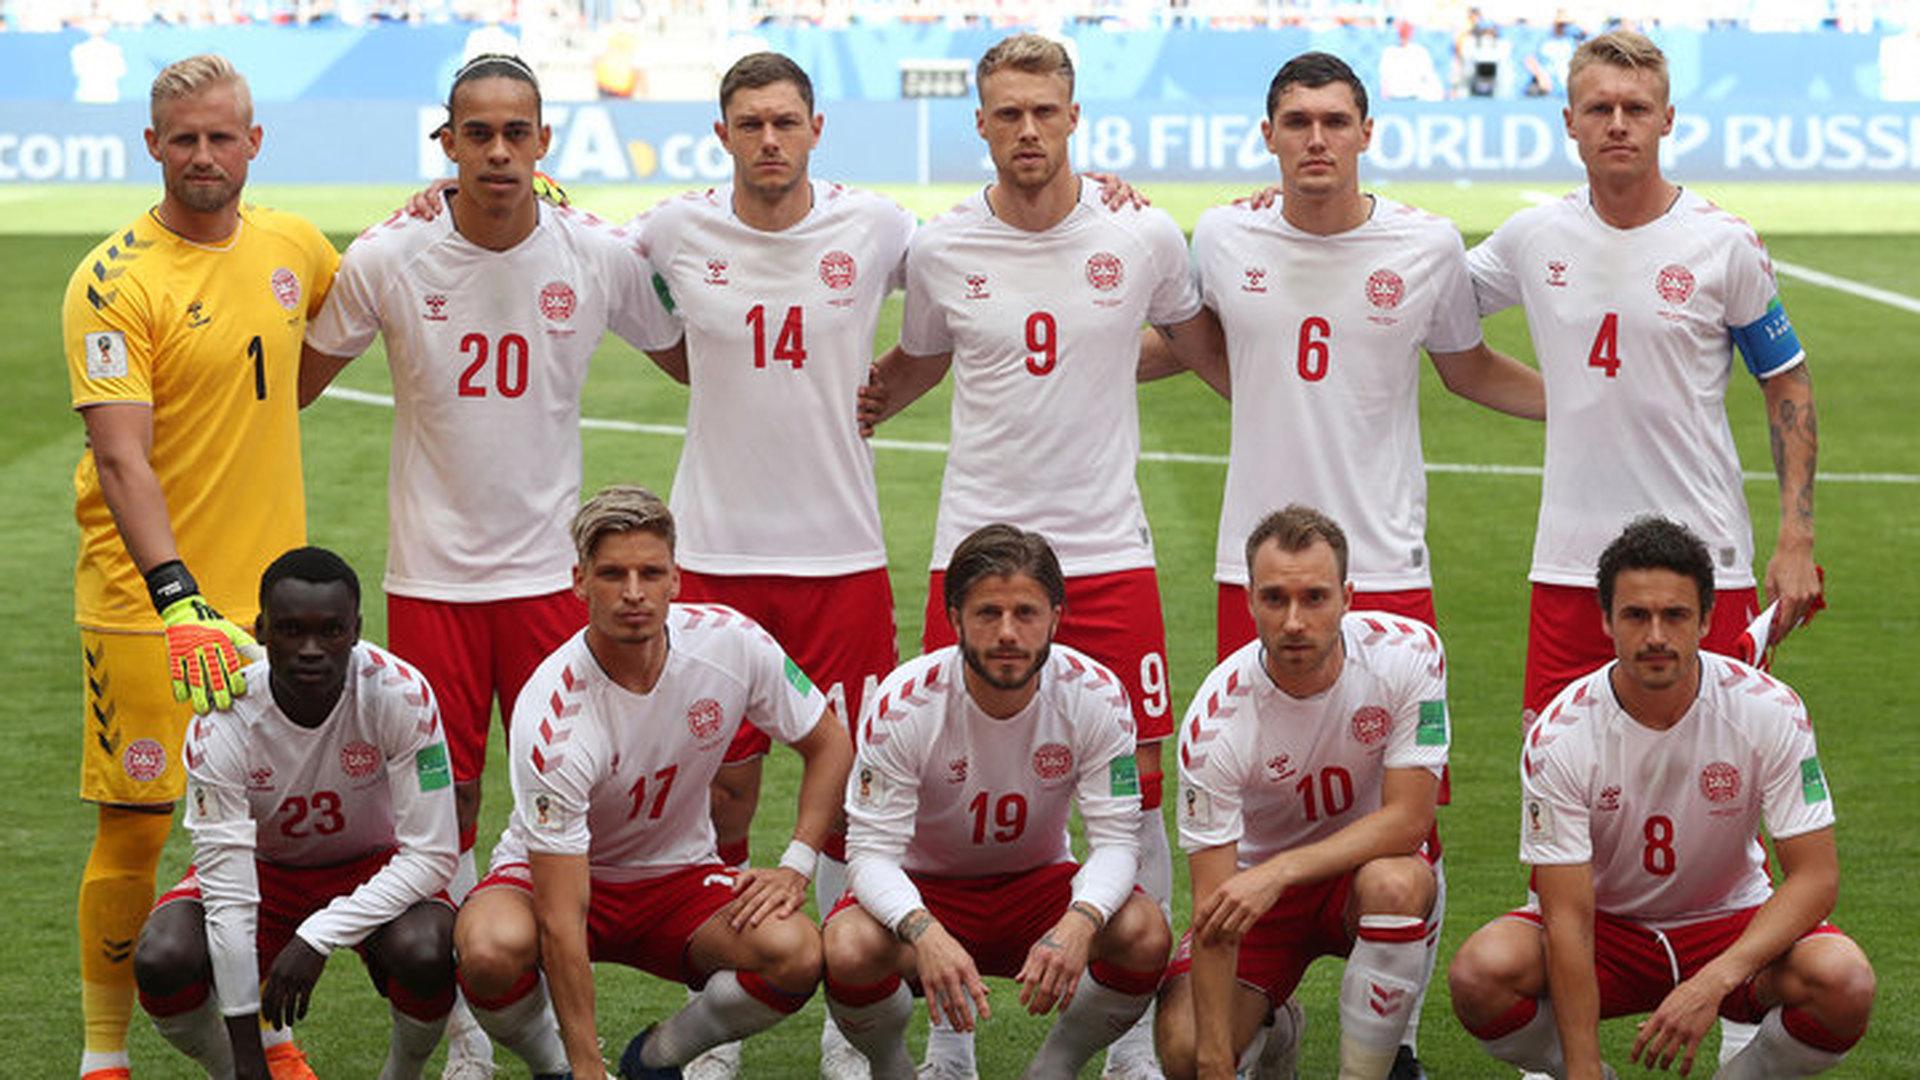 Два датчанина завершили карьеру после вылета с чемпионата мира